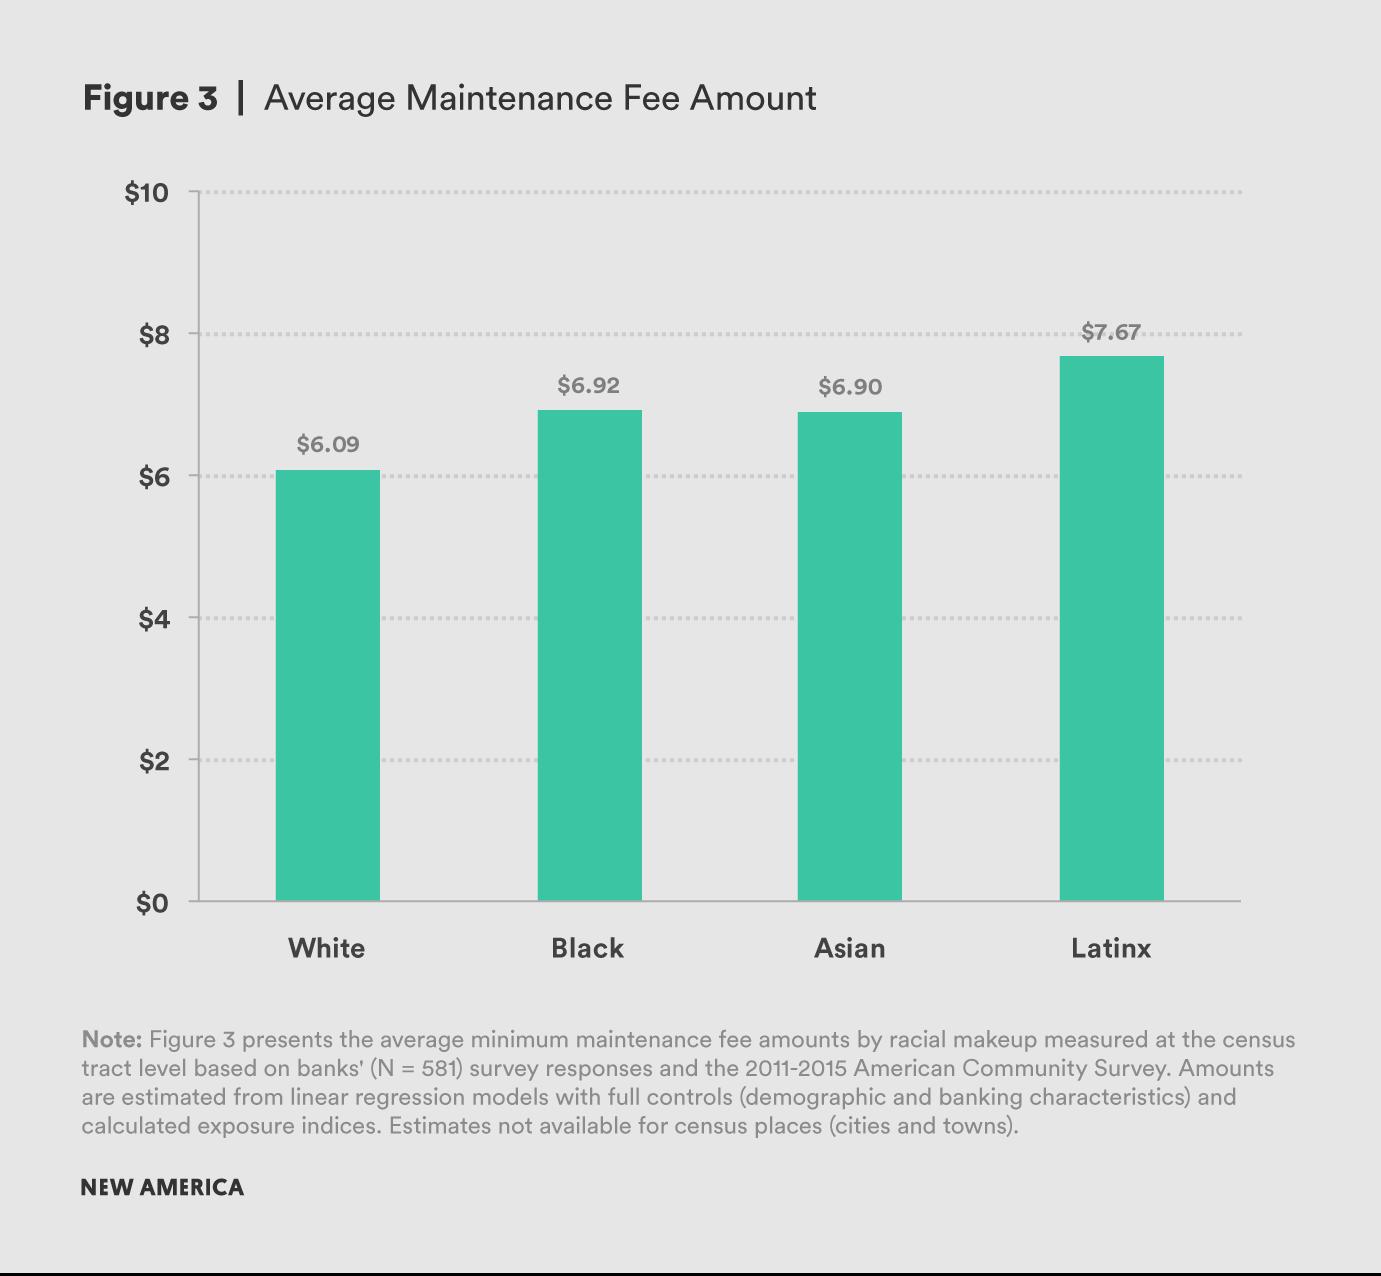 Average Maintenance Fee Amount